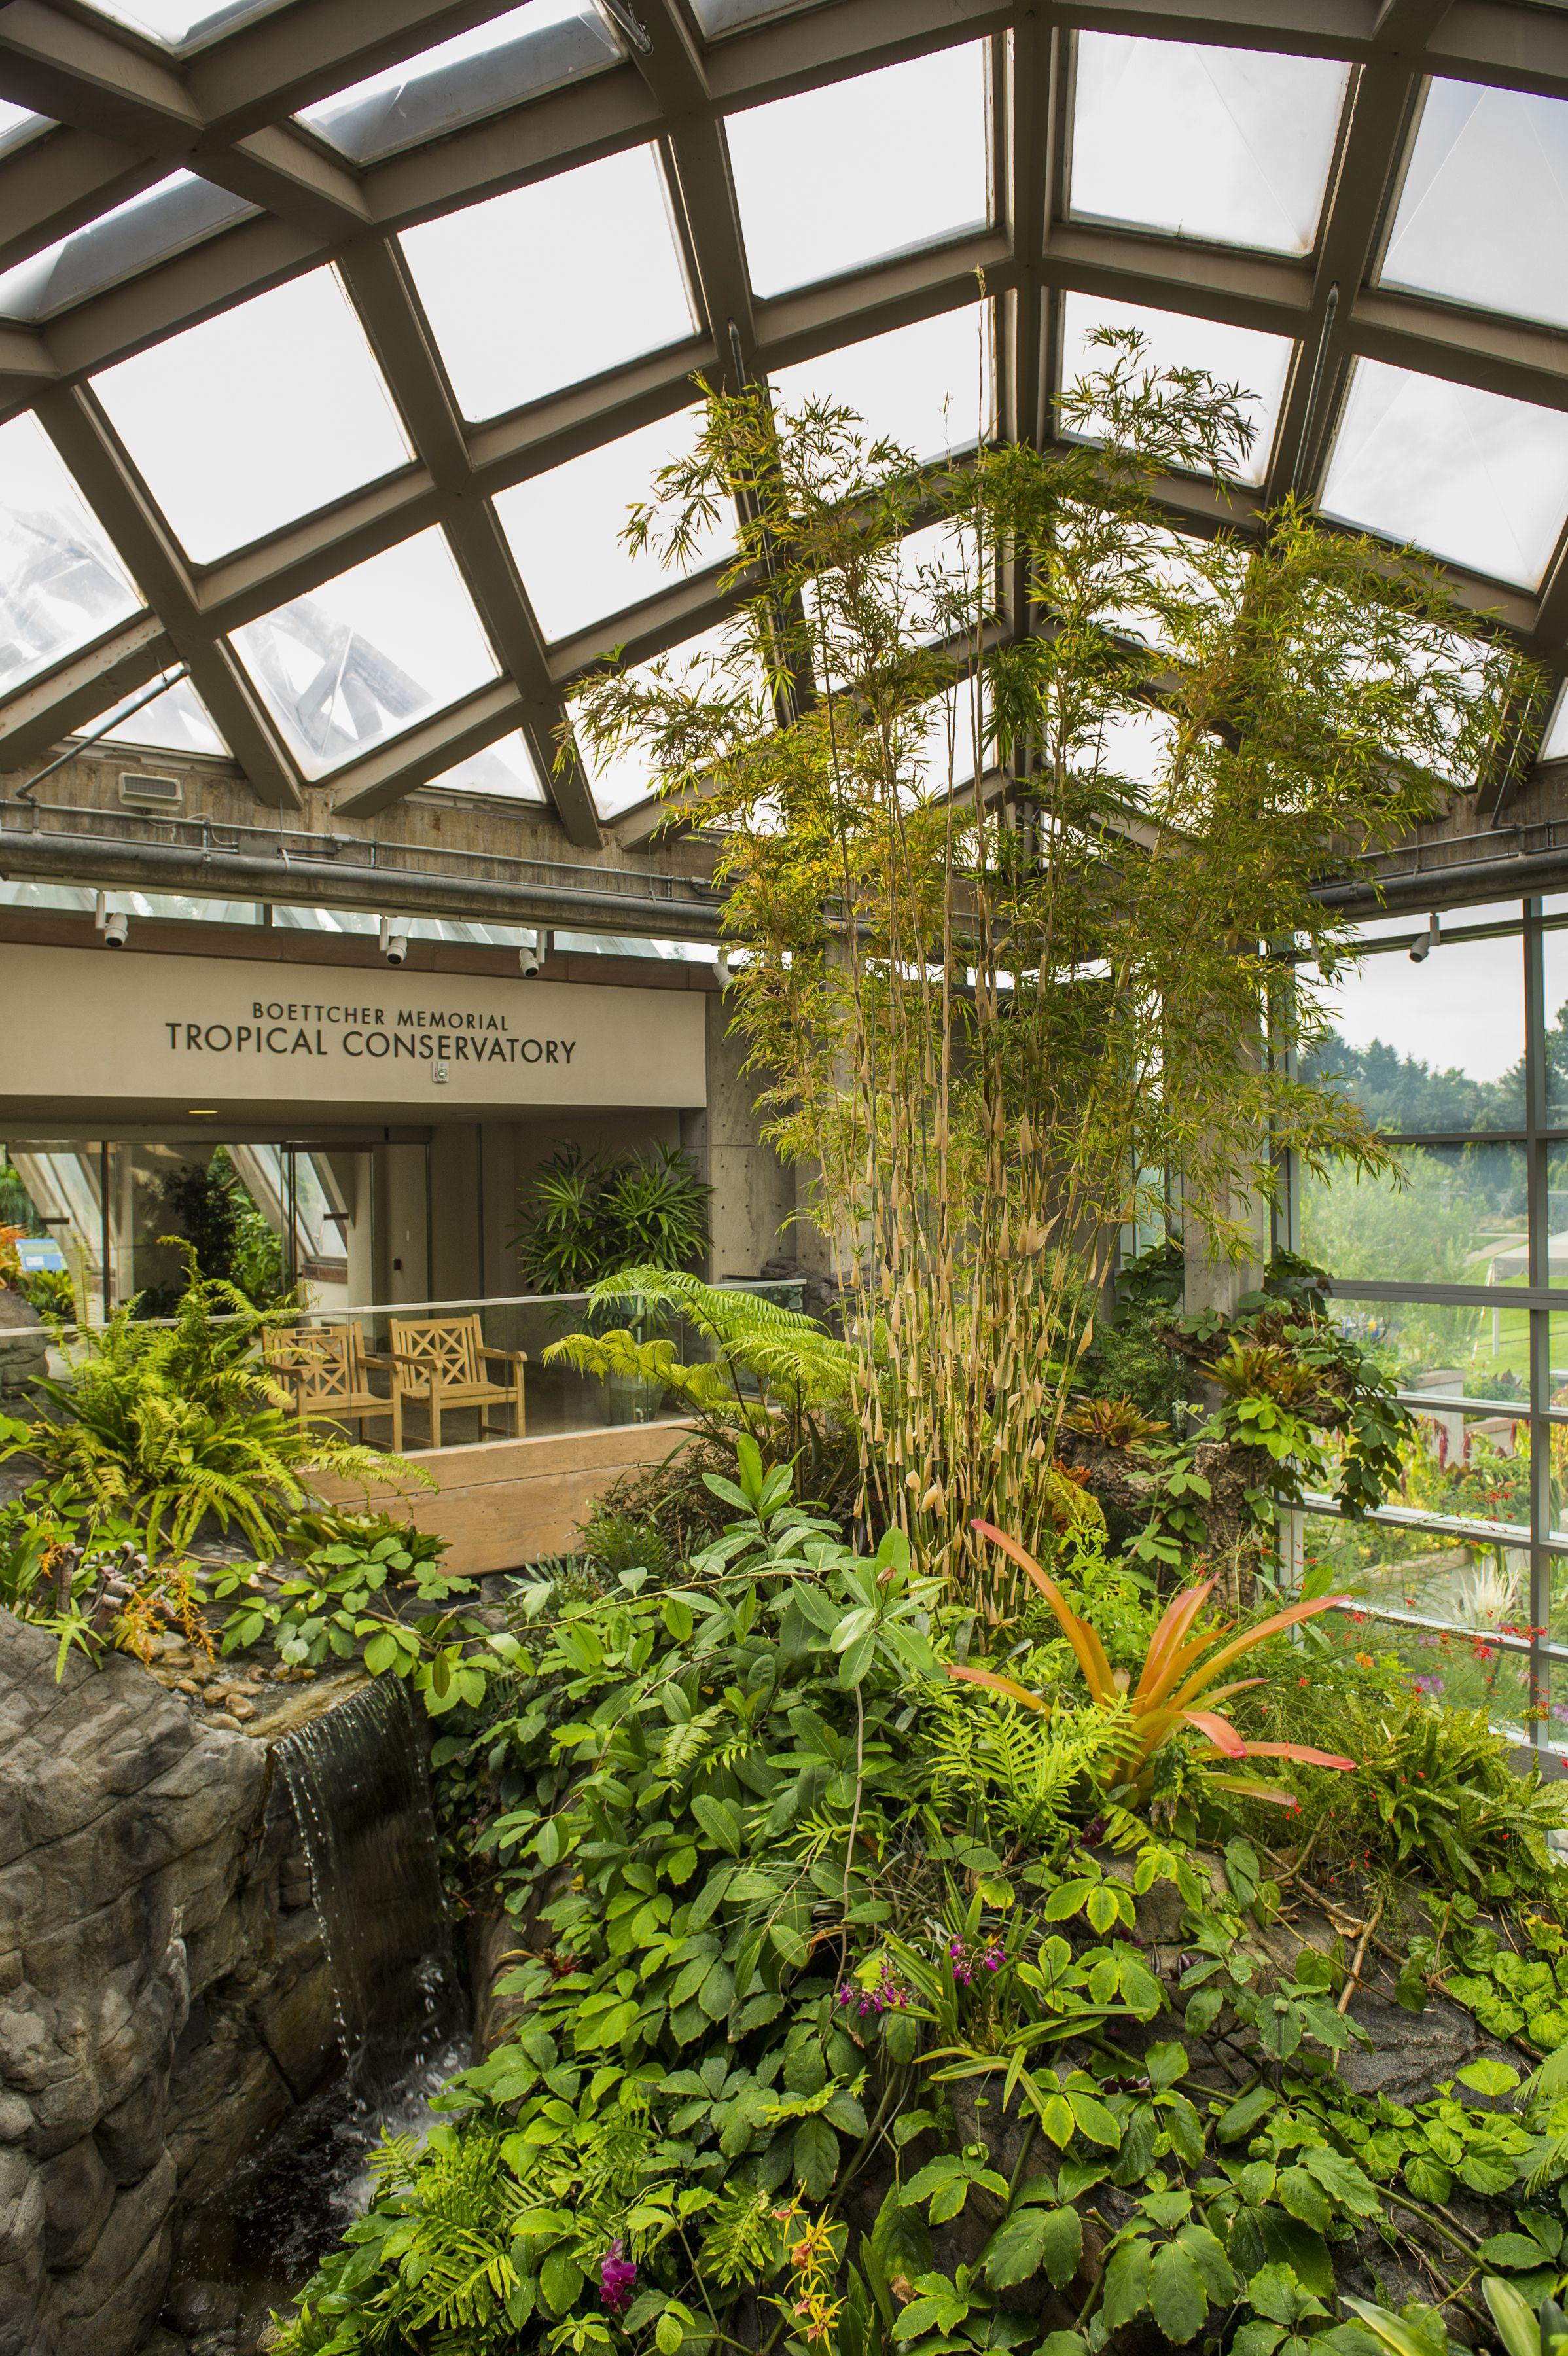 55645c4ea16929d4bc6b59775421ec02 - Denver Botanic Gardens Plains Conservation Center